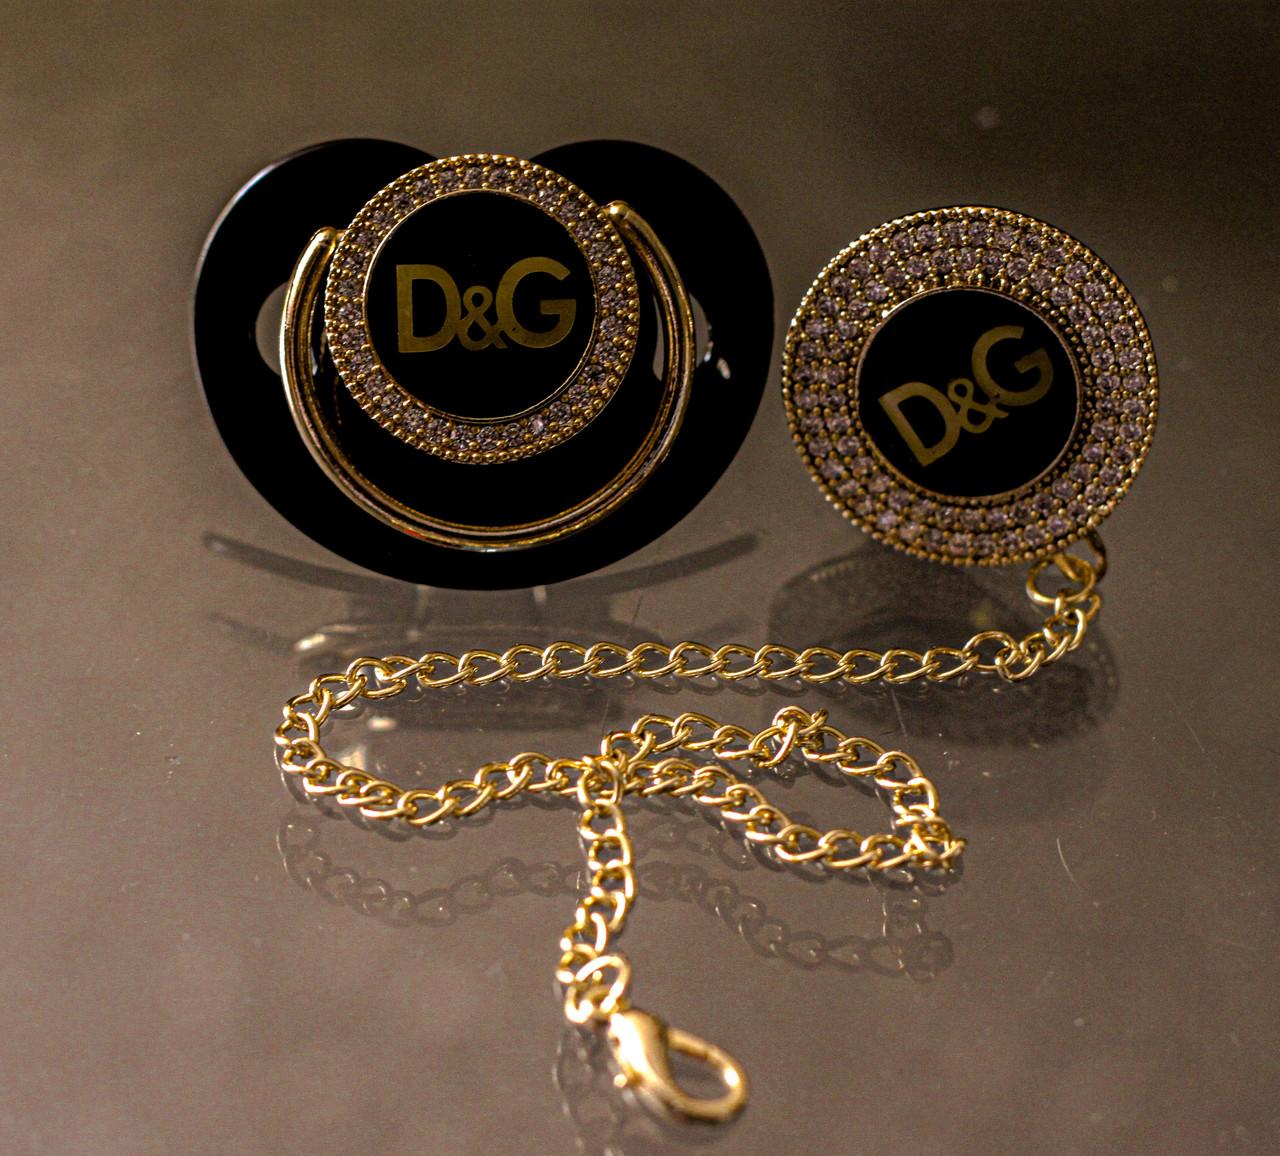 Пустышка, соска со стразами Dolce&Gabbana и держатель, комплект